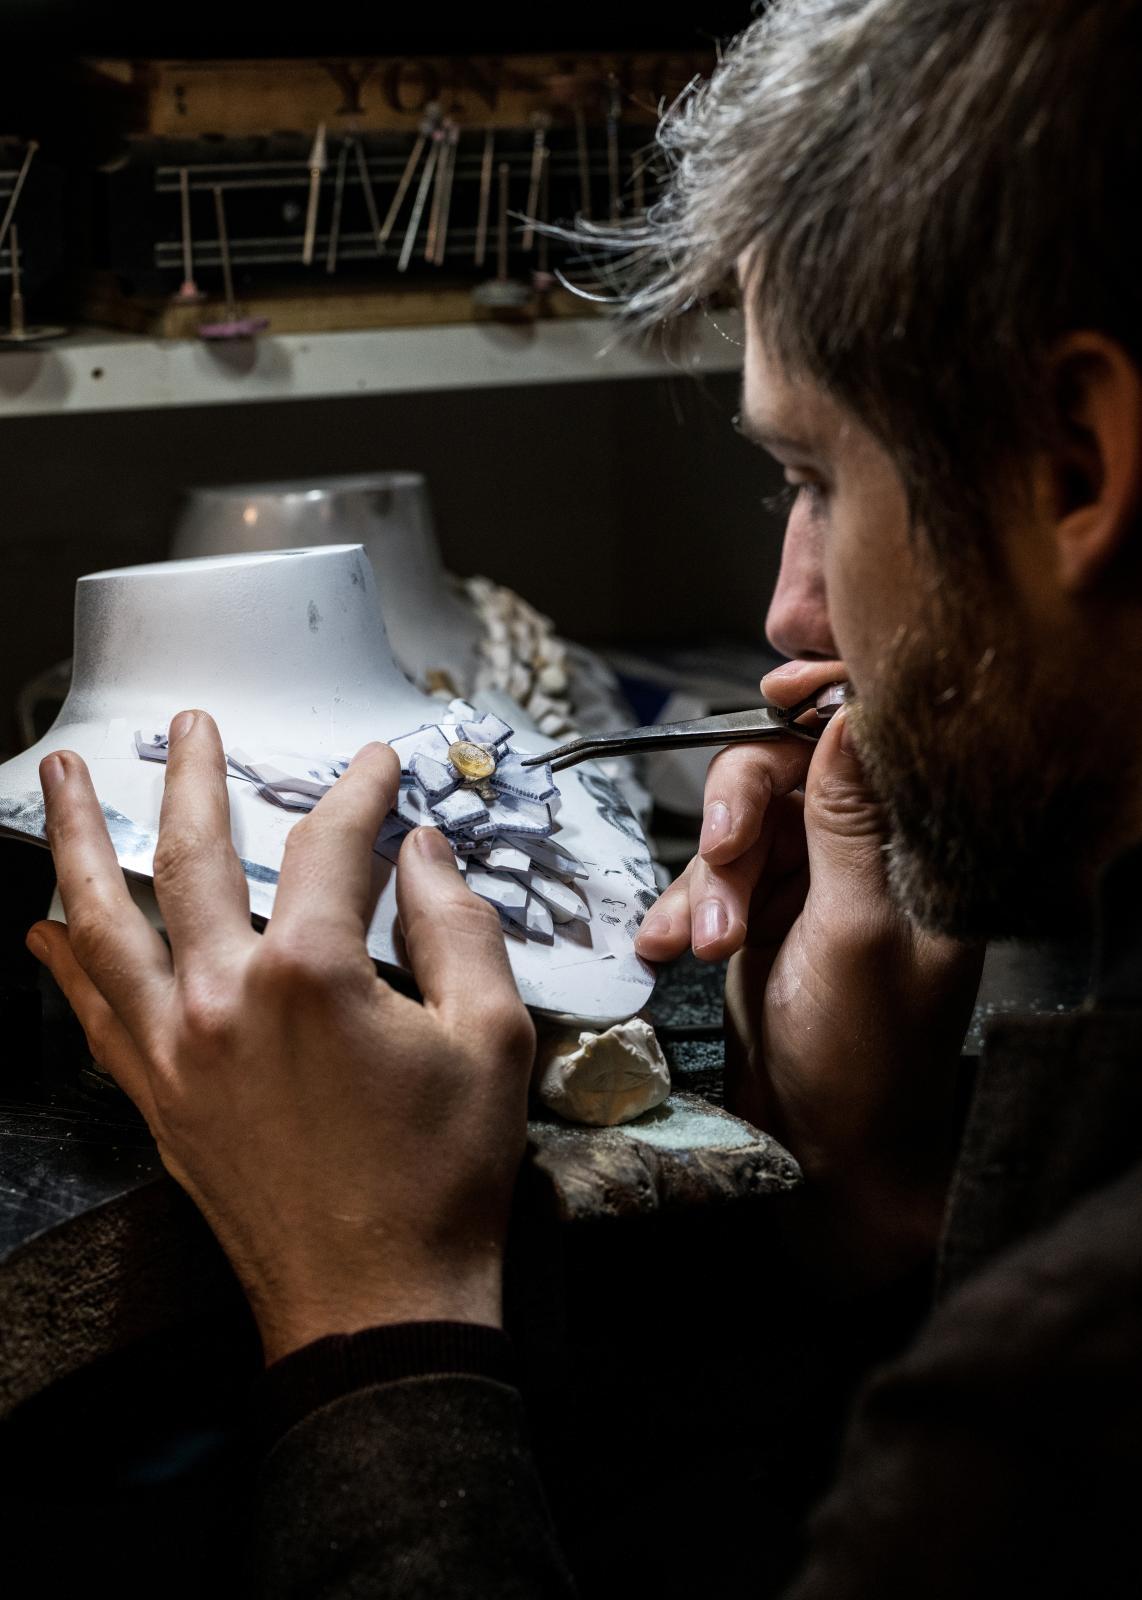 Jothi-Sèroj travaillant sur la maquette en bois d'un collier de la collection de haute joaillerie «Rubeus».